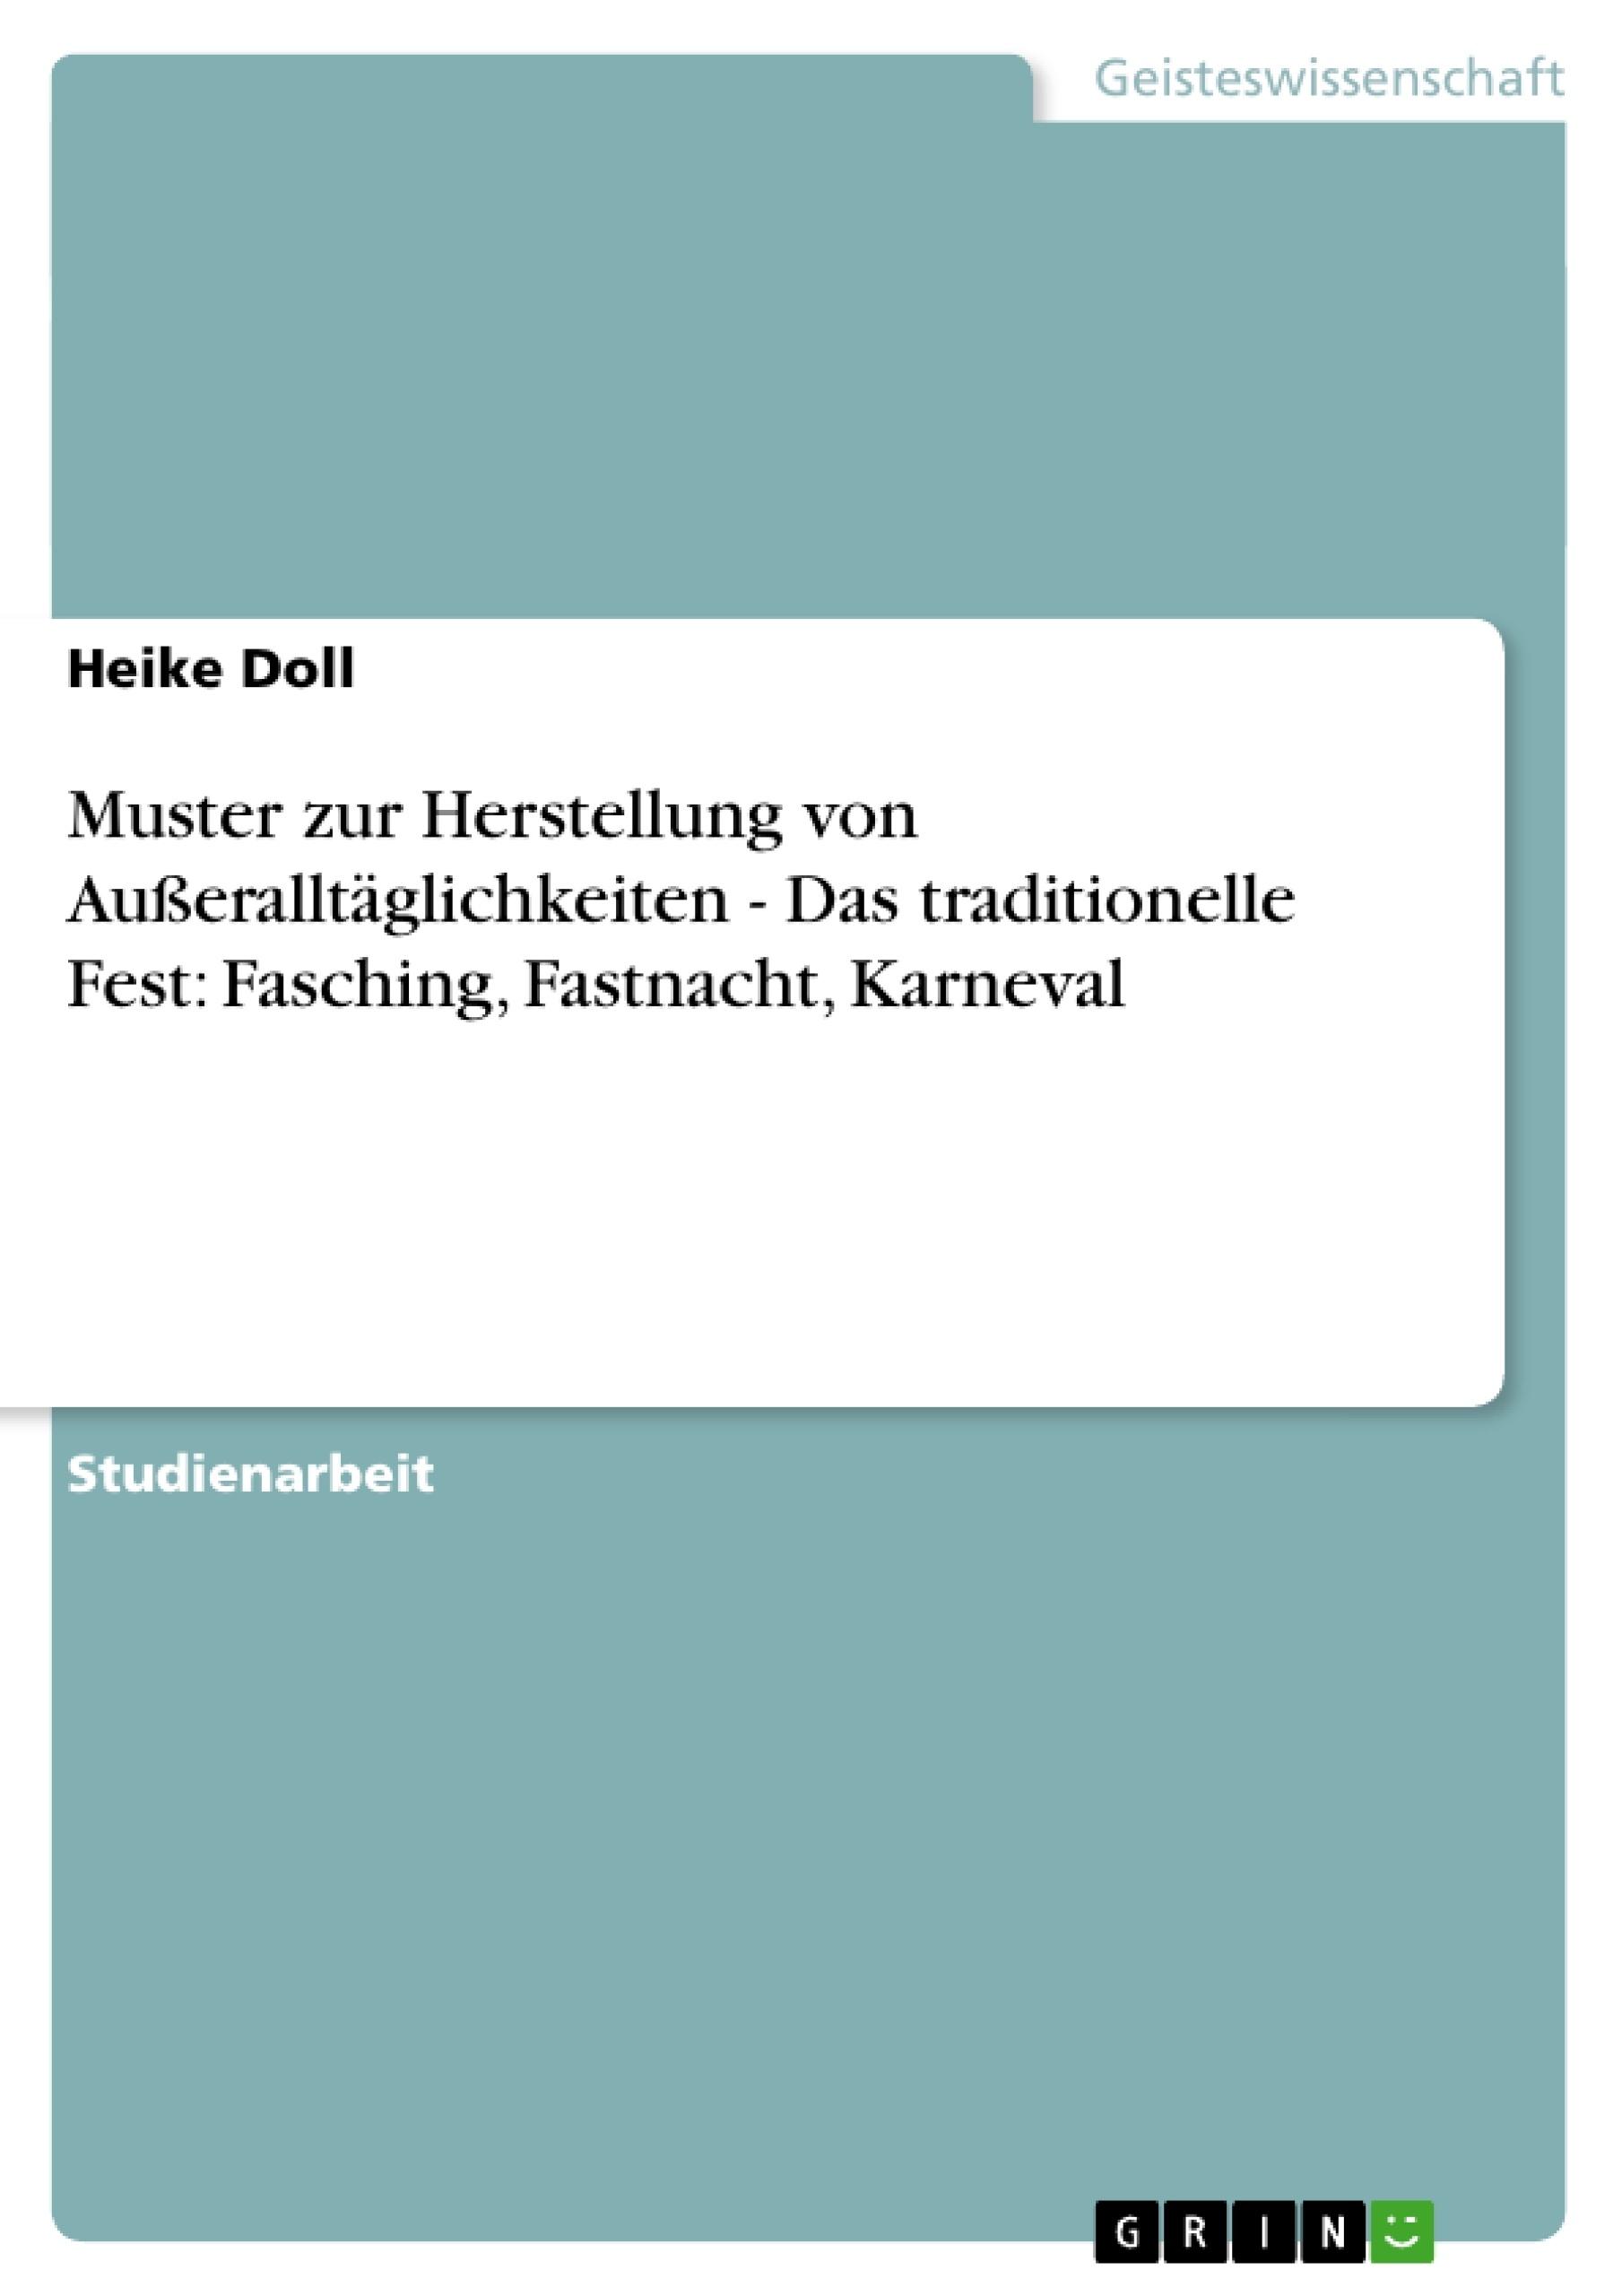 Titel: Muster zur Herstellung von Außeralltäglichkeiten - Das traditionelle Fest: Fasching, Fastnacht, Karneval